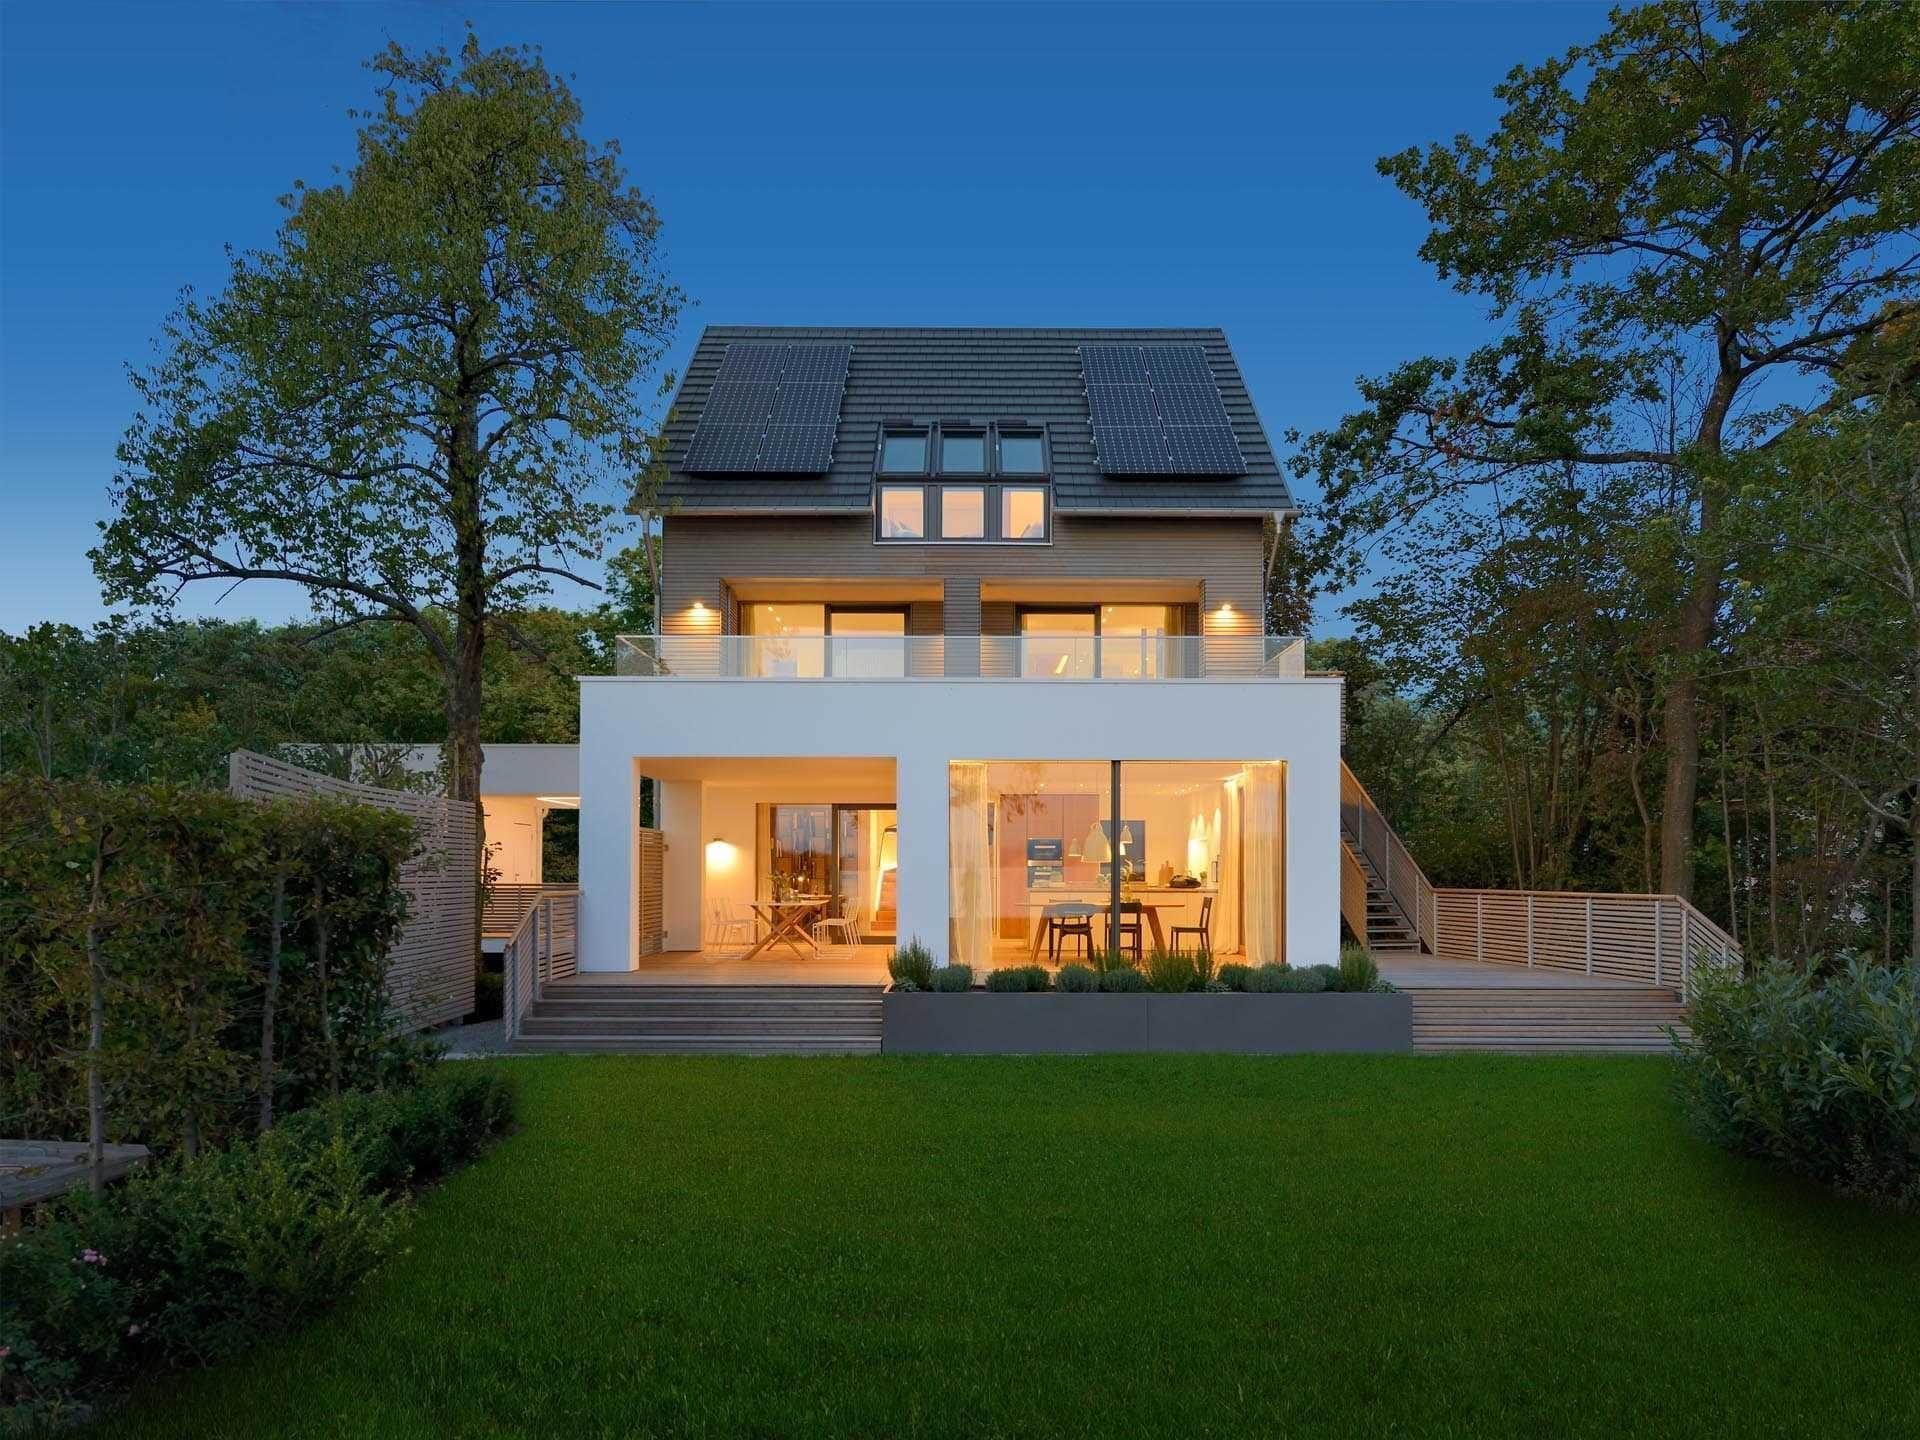 Baufritz Musterhaus Haus am See Aussenansicht abends   Haus Pläne ...